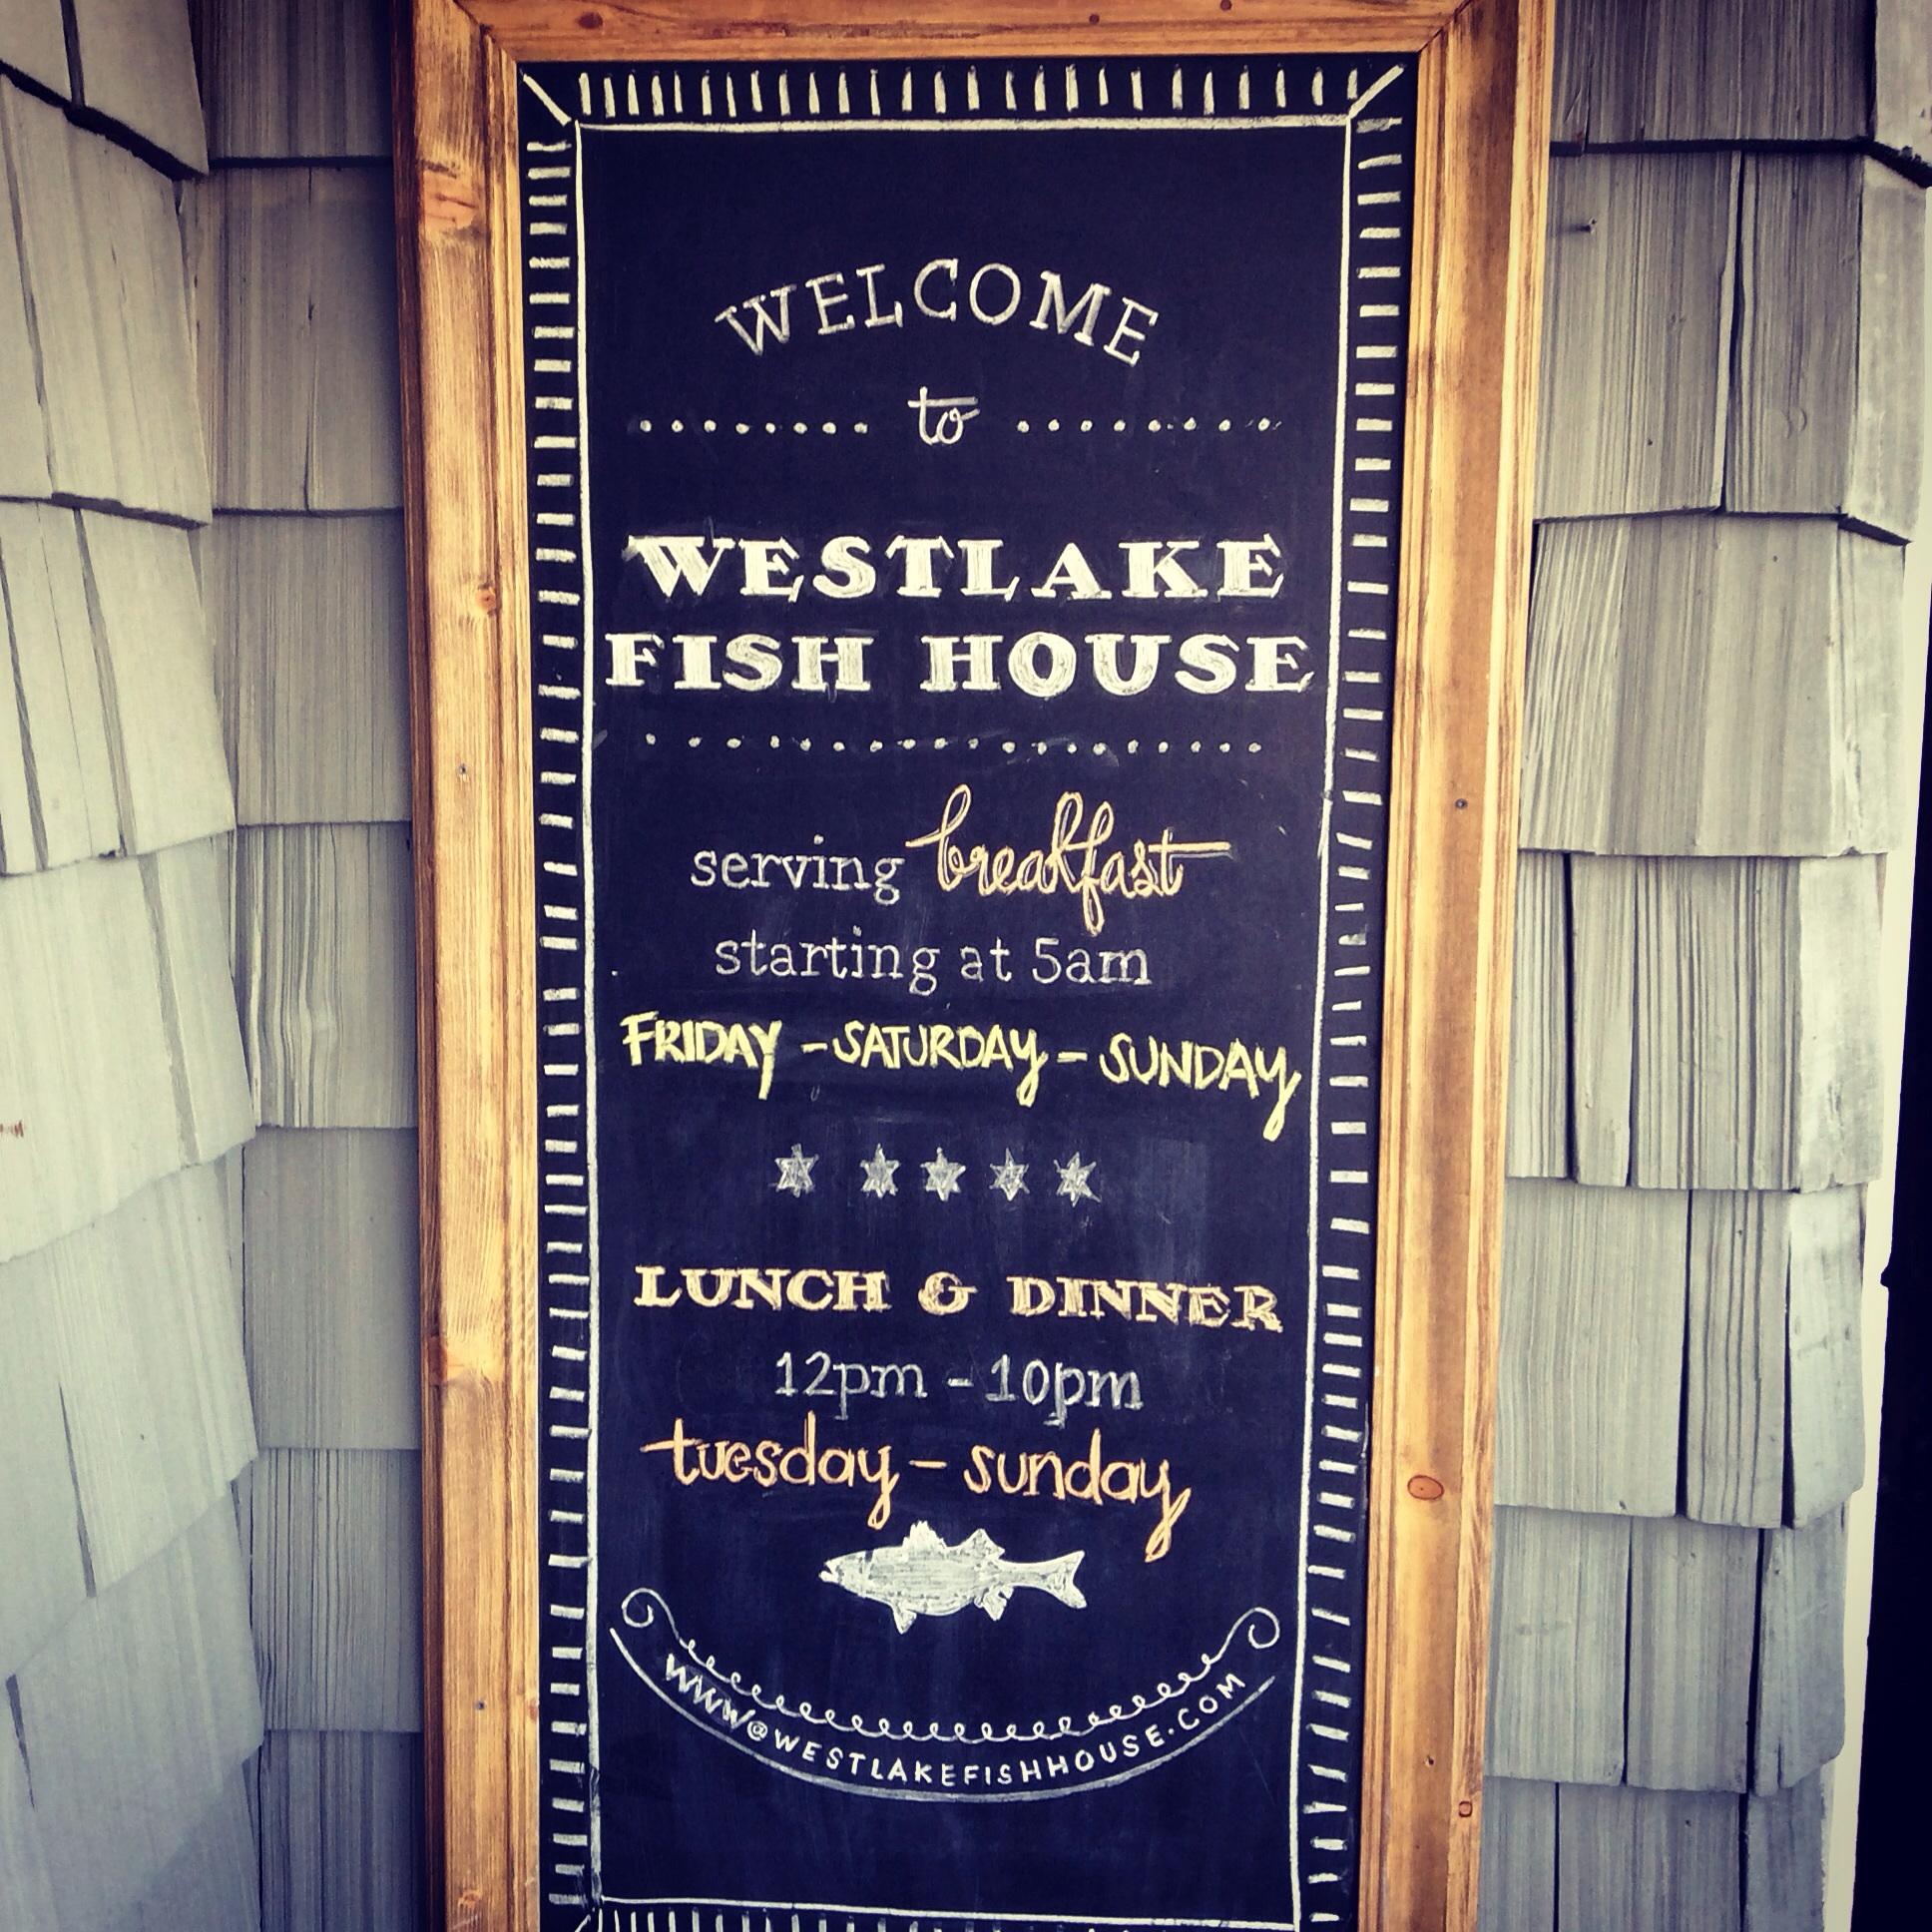 Westlake Fish House